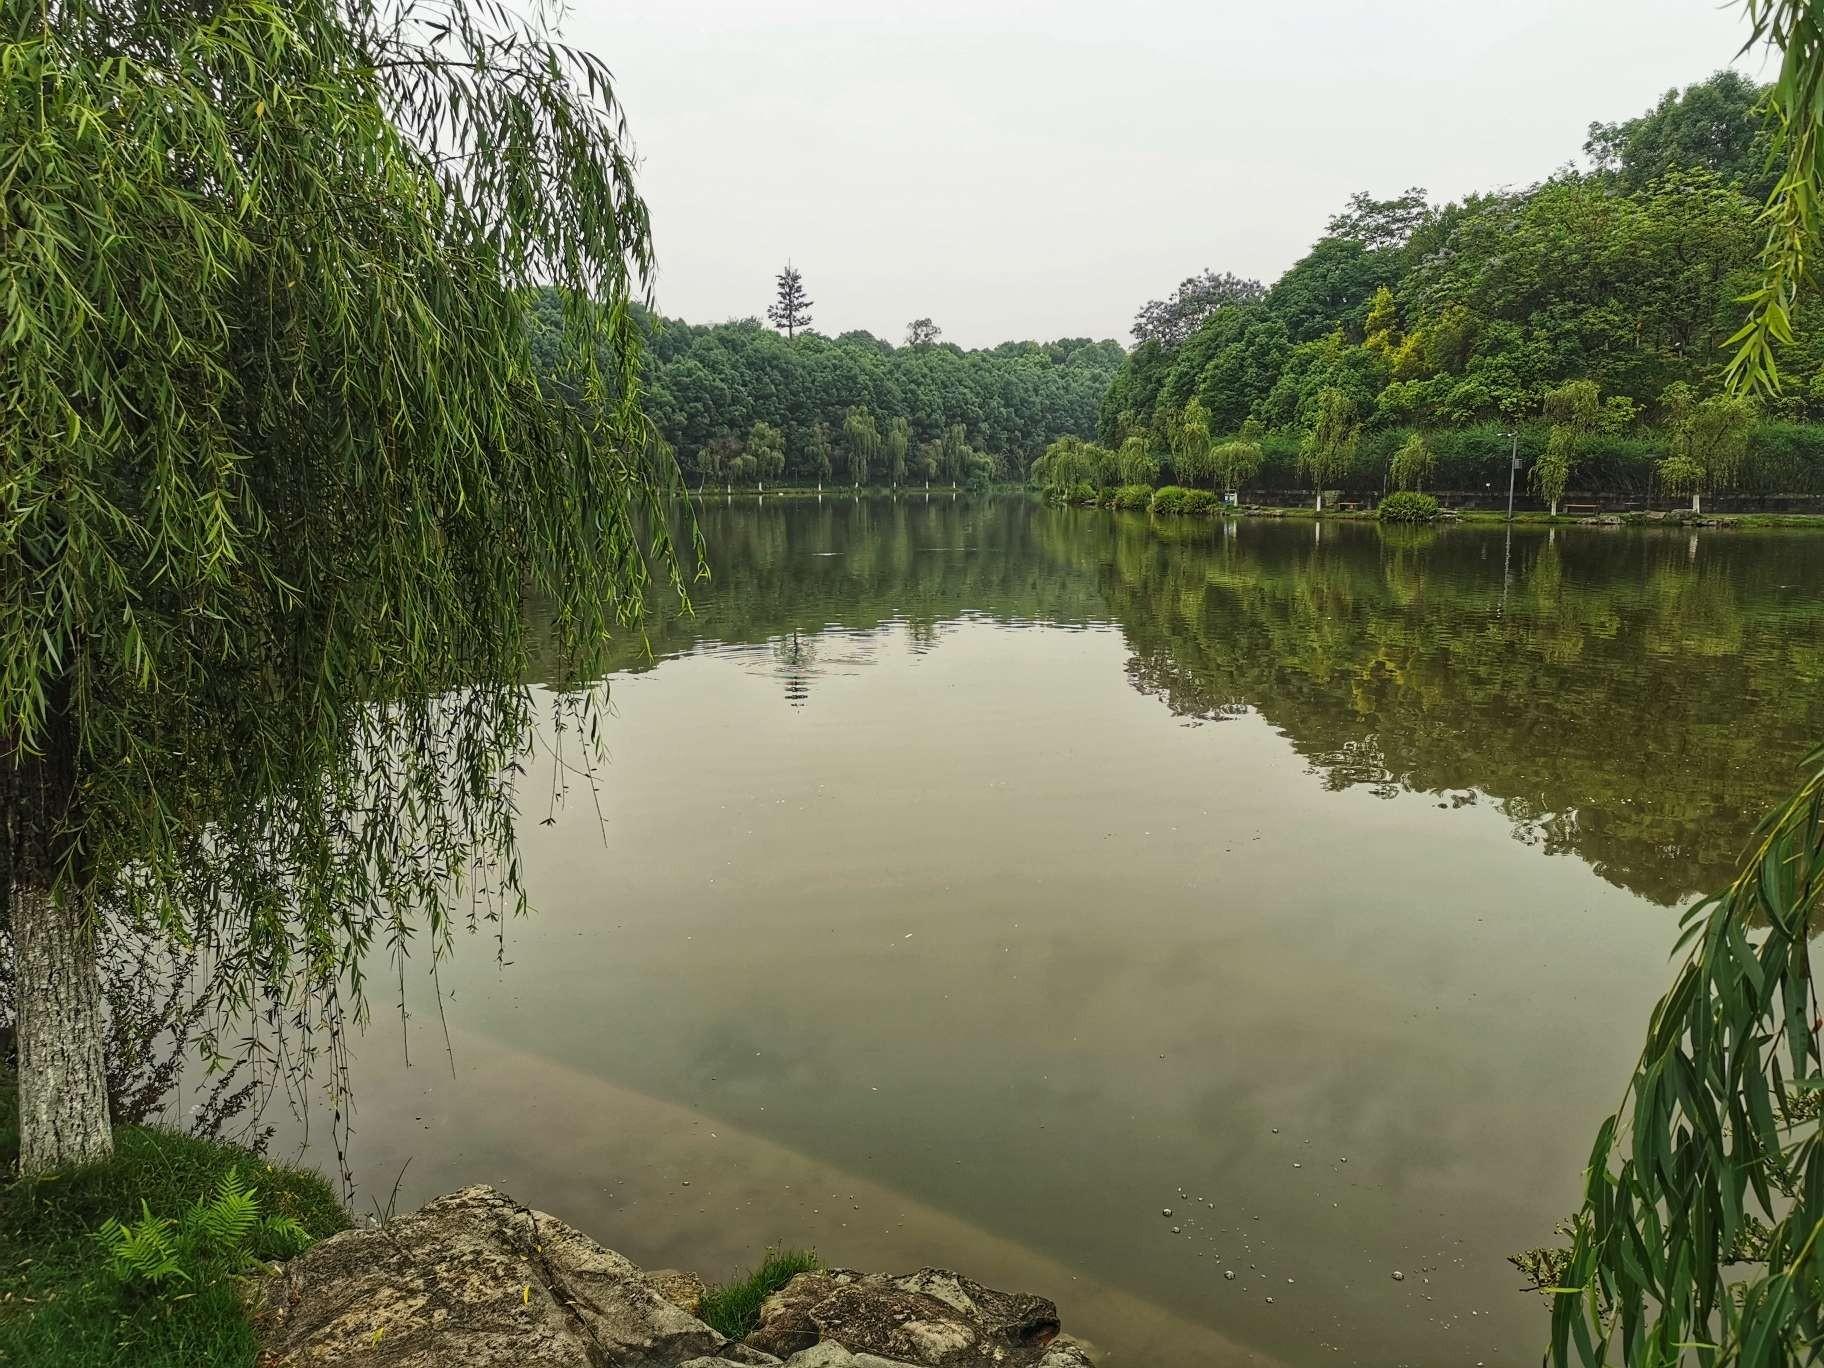 缙湖的湖面